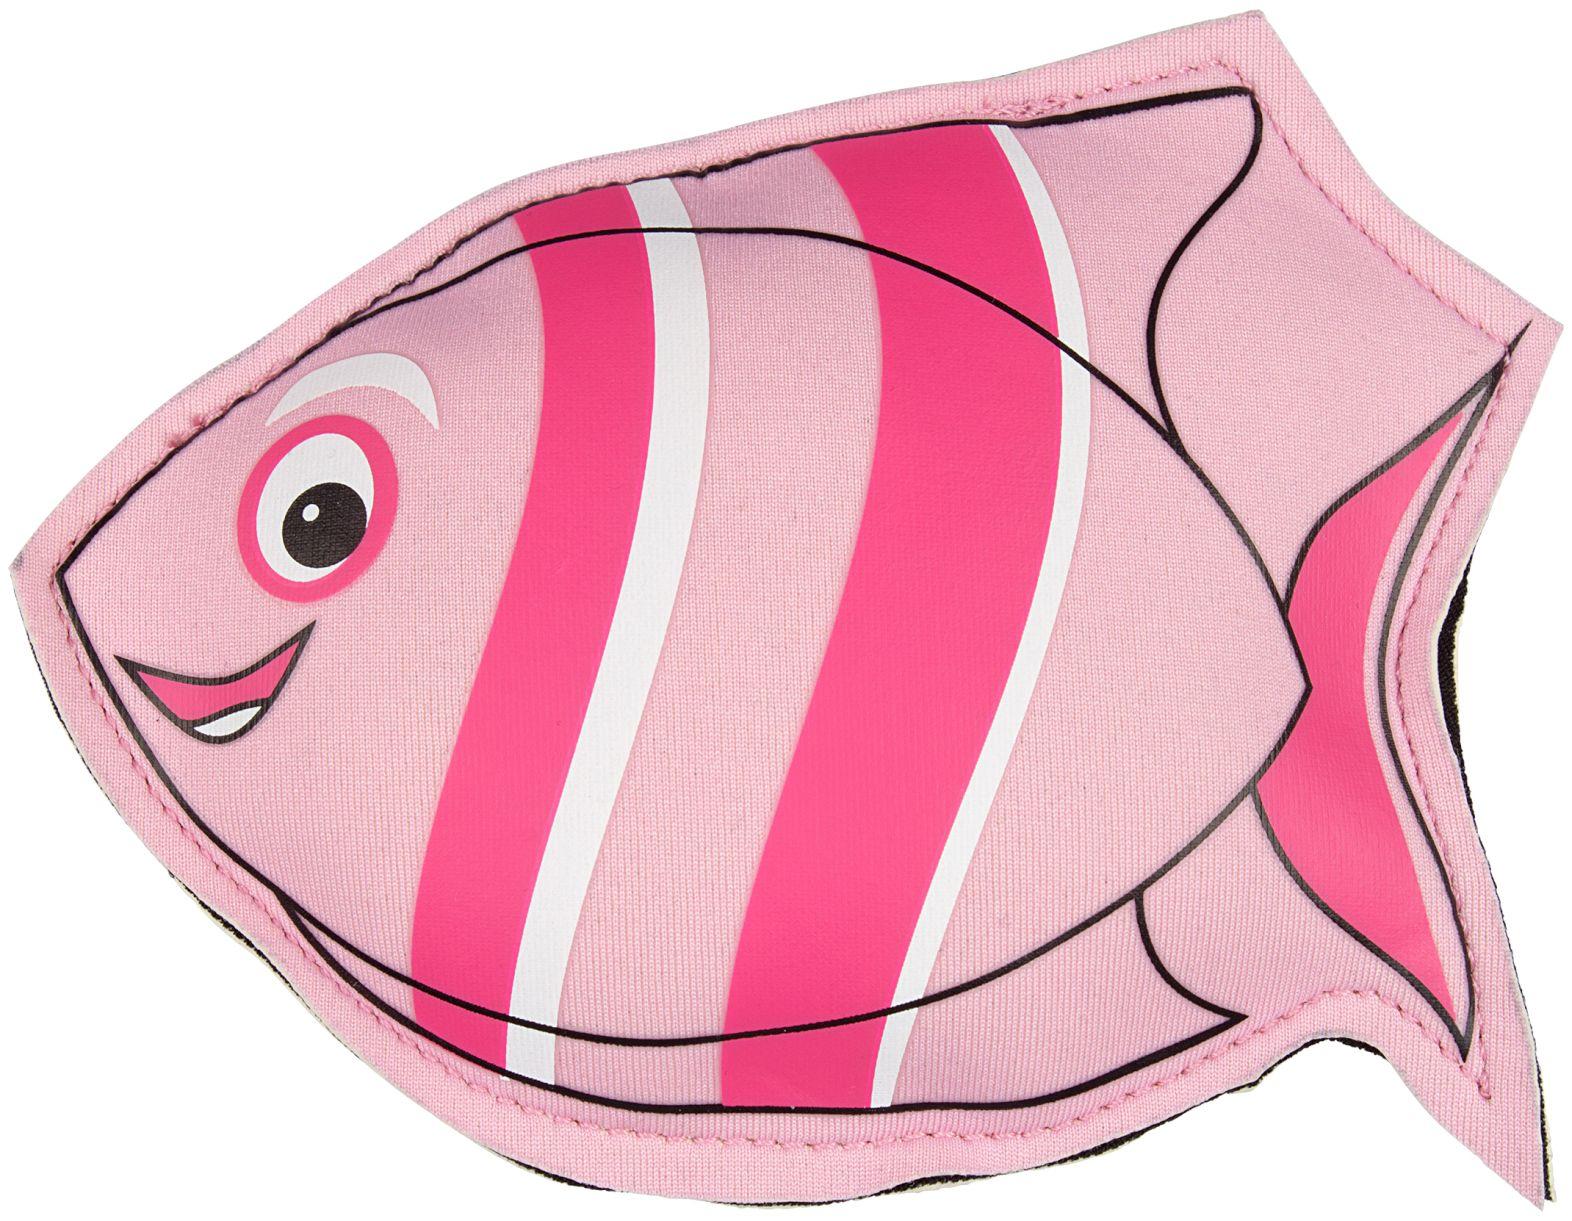 Animale de scufundare • 3 bucăți •